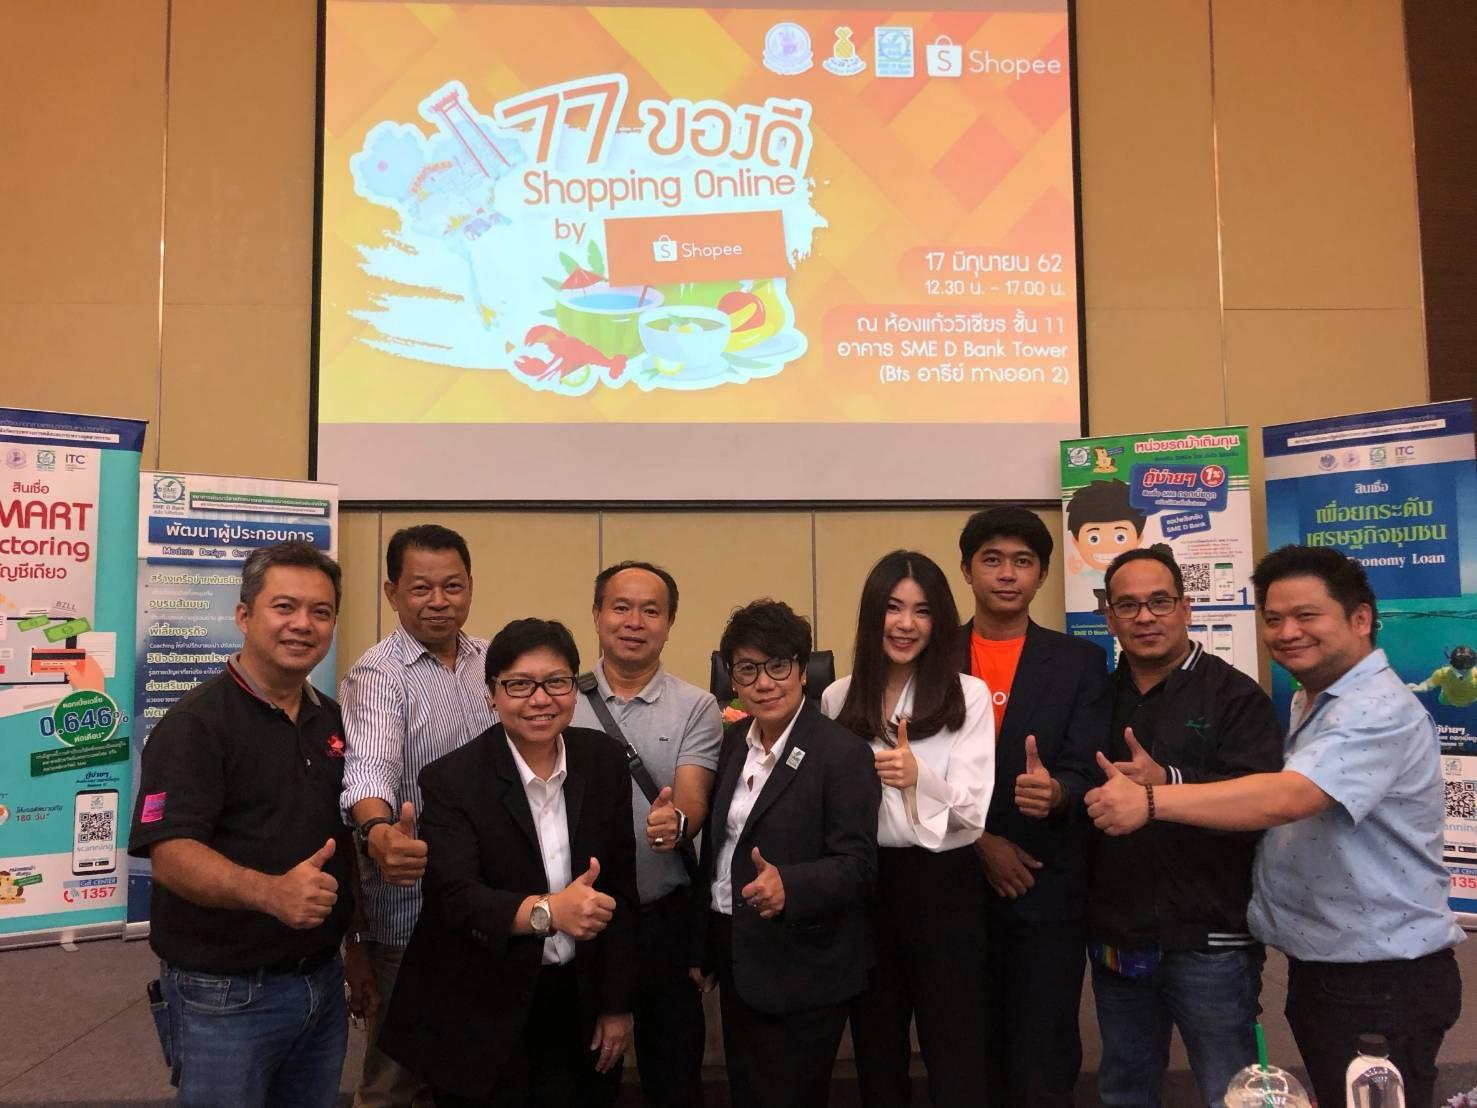 สื่อสังคมออนไลน์เปิดโลกทัศน์ค้าโซเชียล  ร่วมสัมมนาอีคอมเมริ์ชกับ SME D Bank